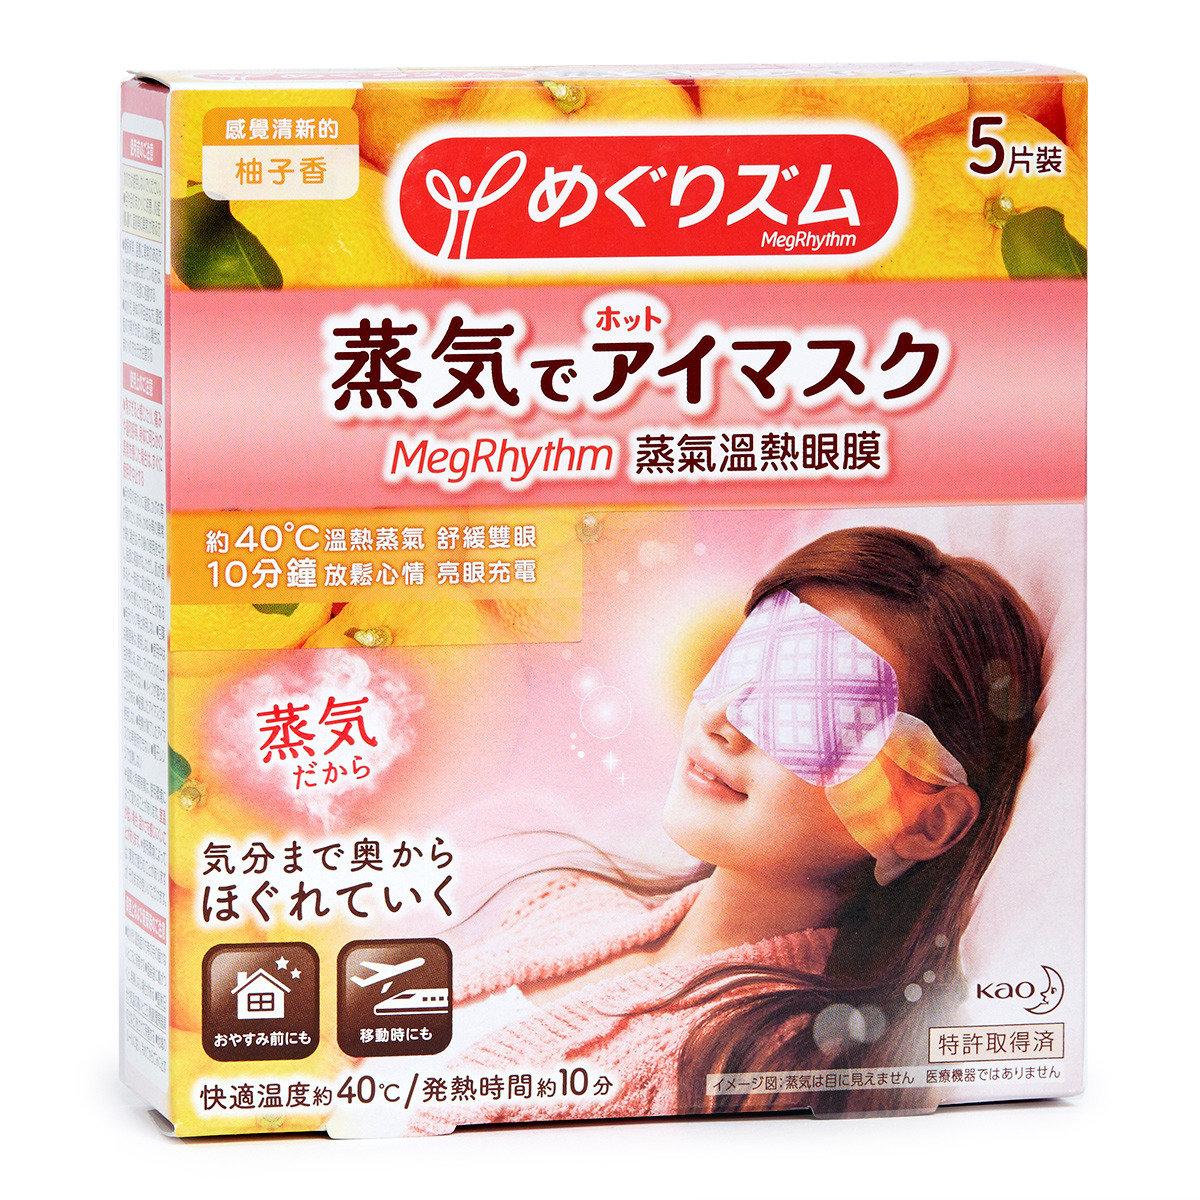 MegRhythm - 蒸氣溫熱眼膜-柚子香